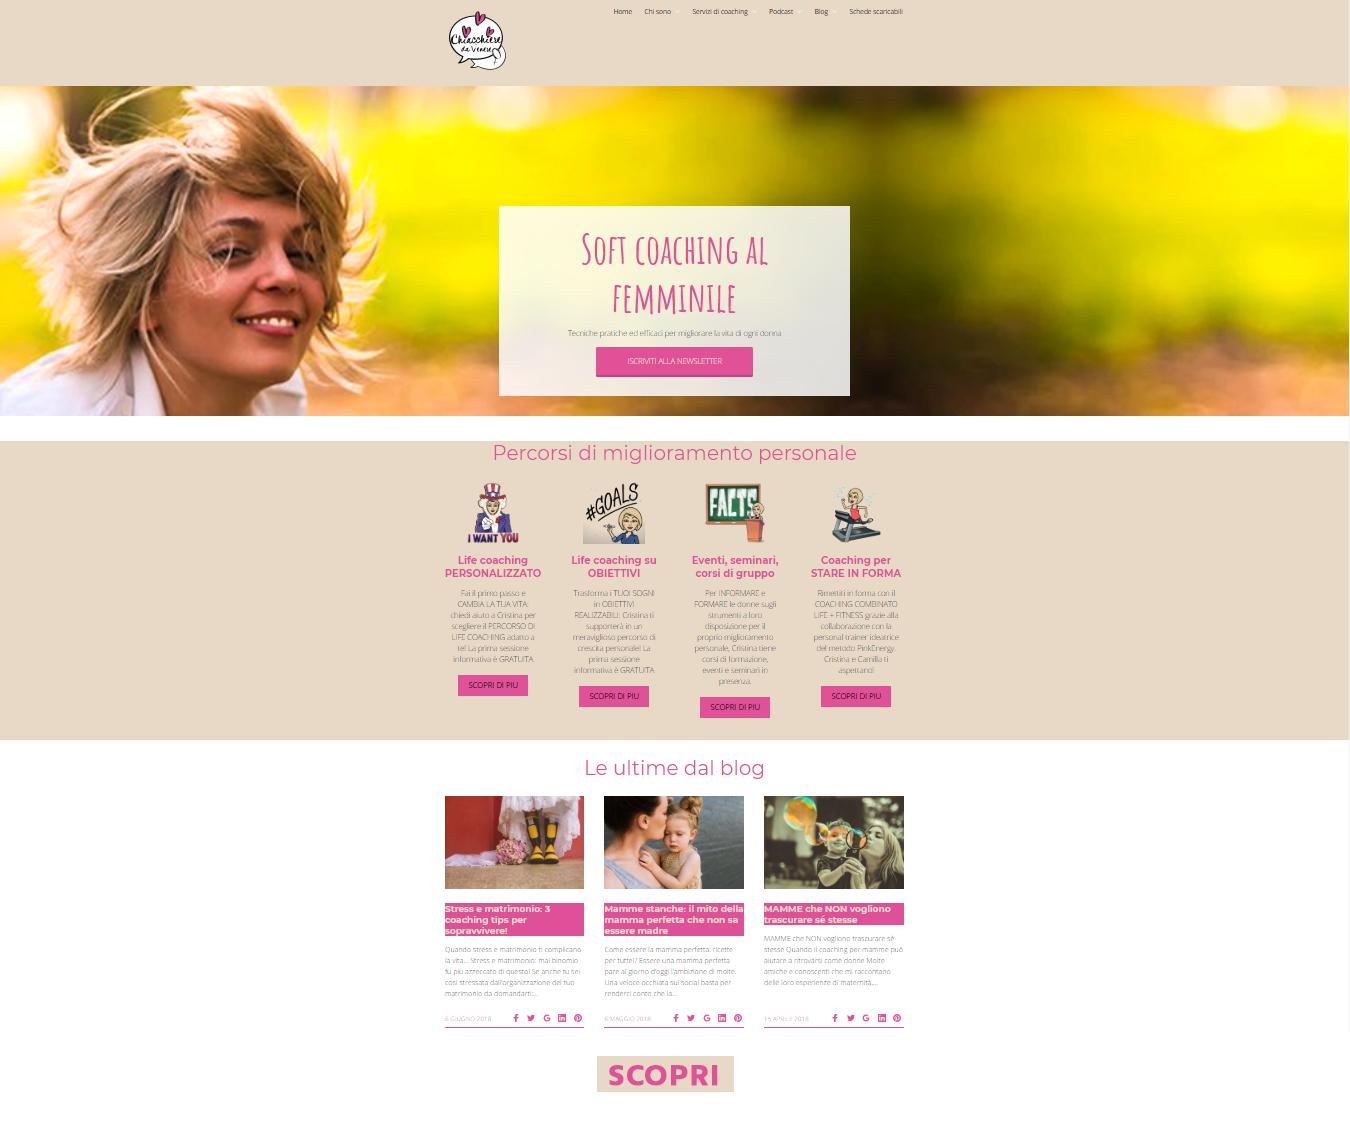 Sito web Chiacchieredavenere.it e campagna SEO